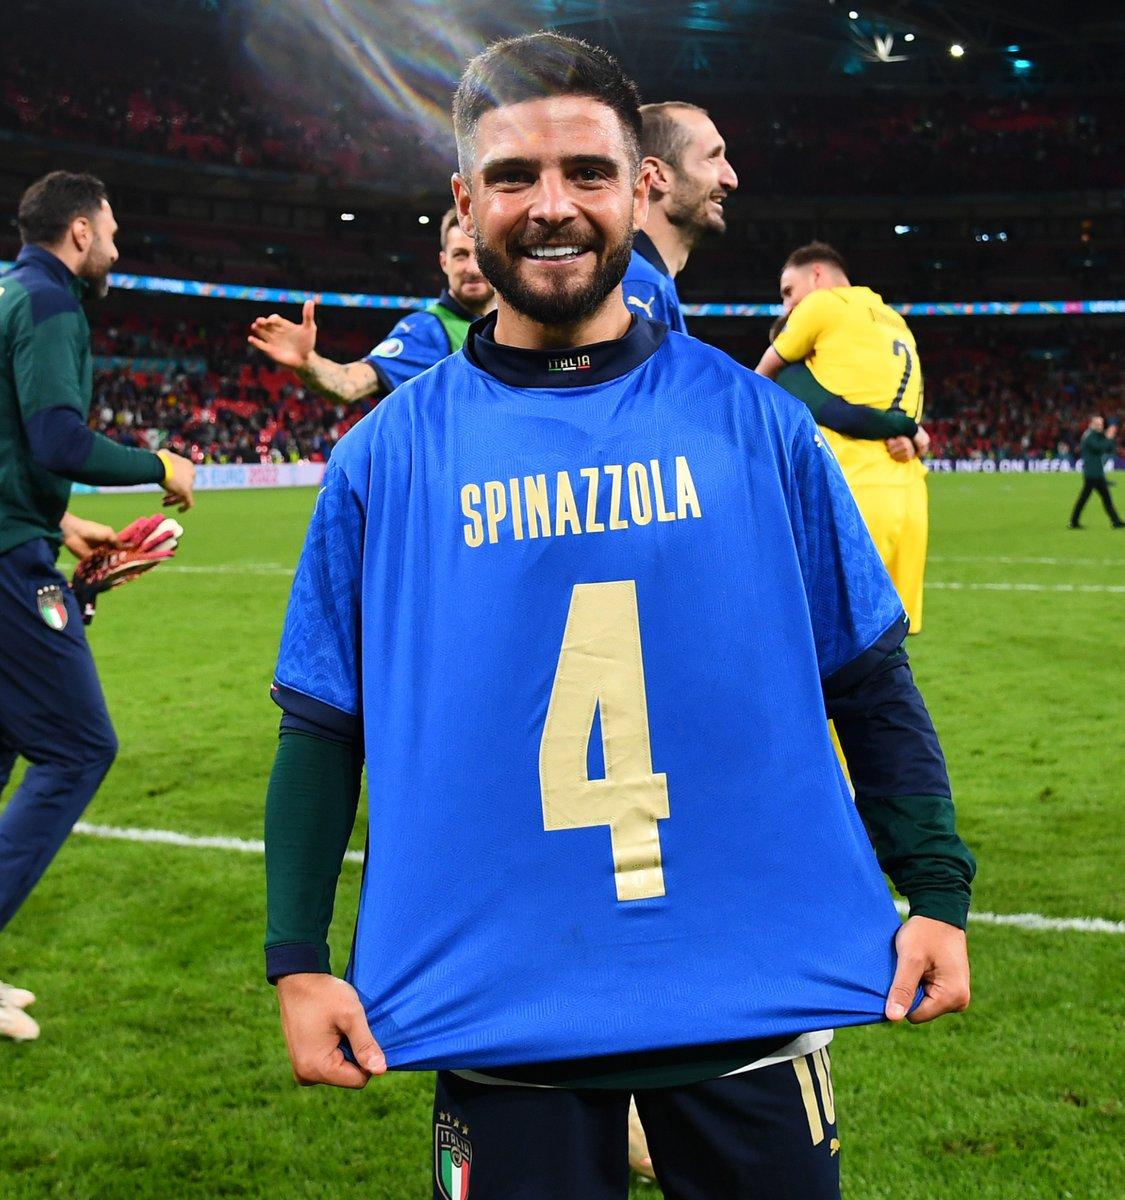 """Invictos on Twitter: """"¿Italia se clasificó a la FINAL de la Euro 2020? Pues  Lorenzo Insigne salió a festejar con una camiseta de Leonardo Spinazzola,  quien lamentablemente se rompió el tendón de"""